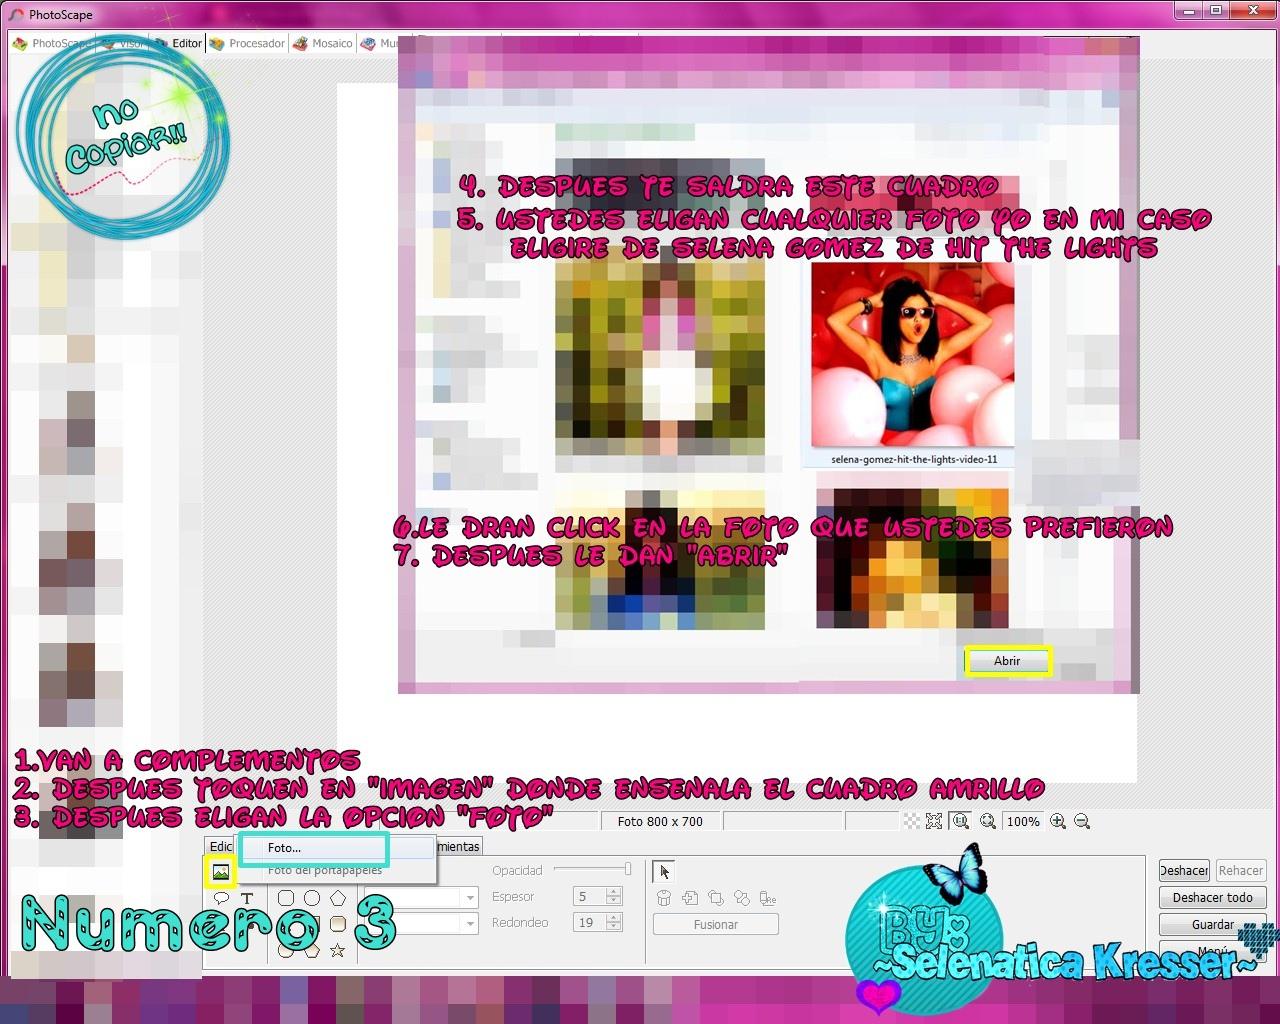 http://4.bp.blogspot.com/-AZ4mC20G7gA/T7hdZECrNmI/AAAAAAAAAF8/g6PlpD6UyJs/s1600/3.jpg